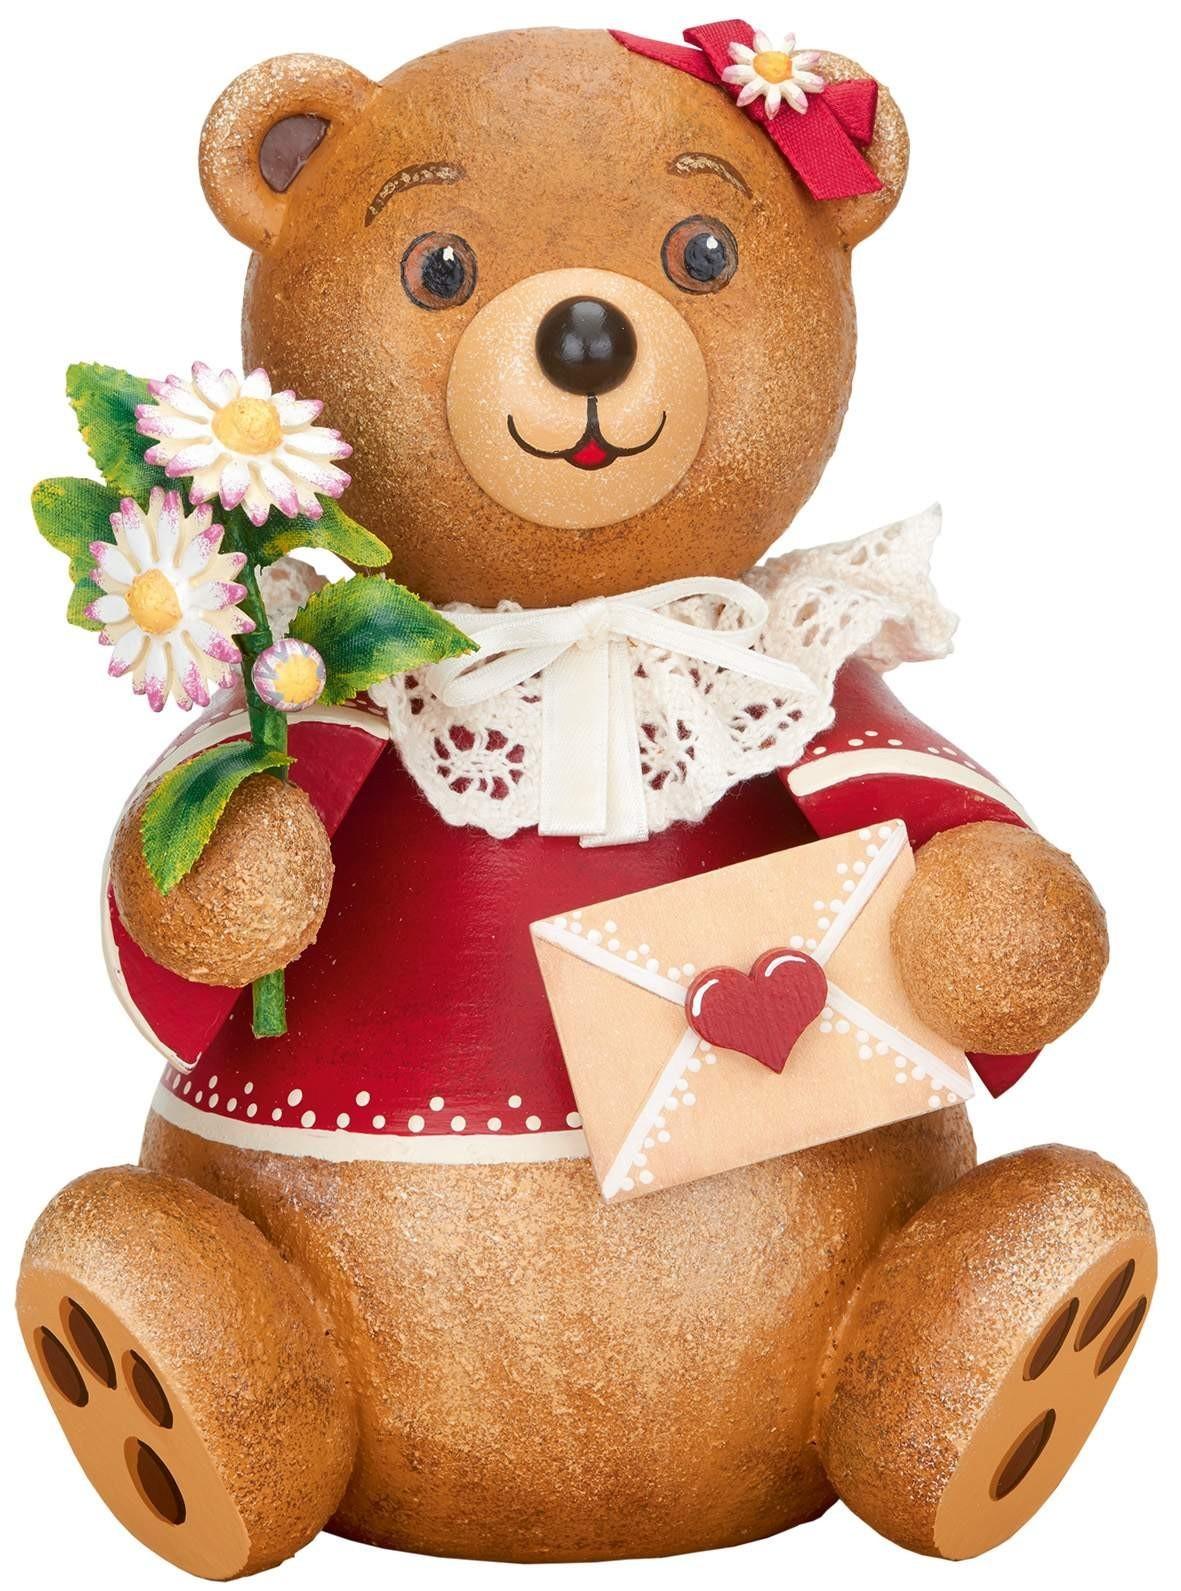 Hubrig Volkskunst - Hubiduu - Teddy mit Herz - Herzenssache